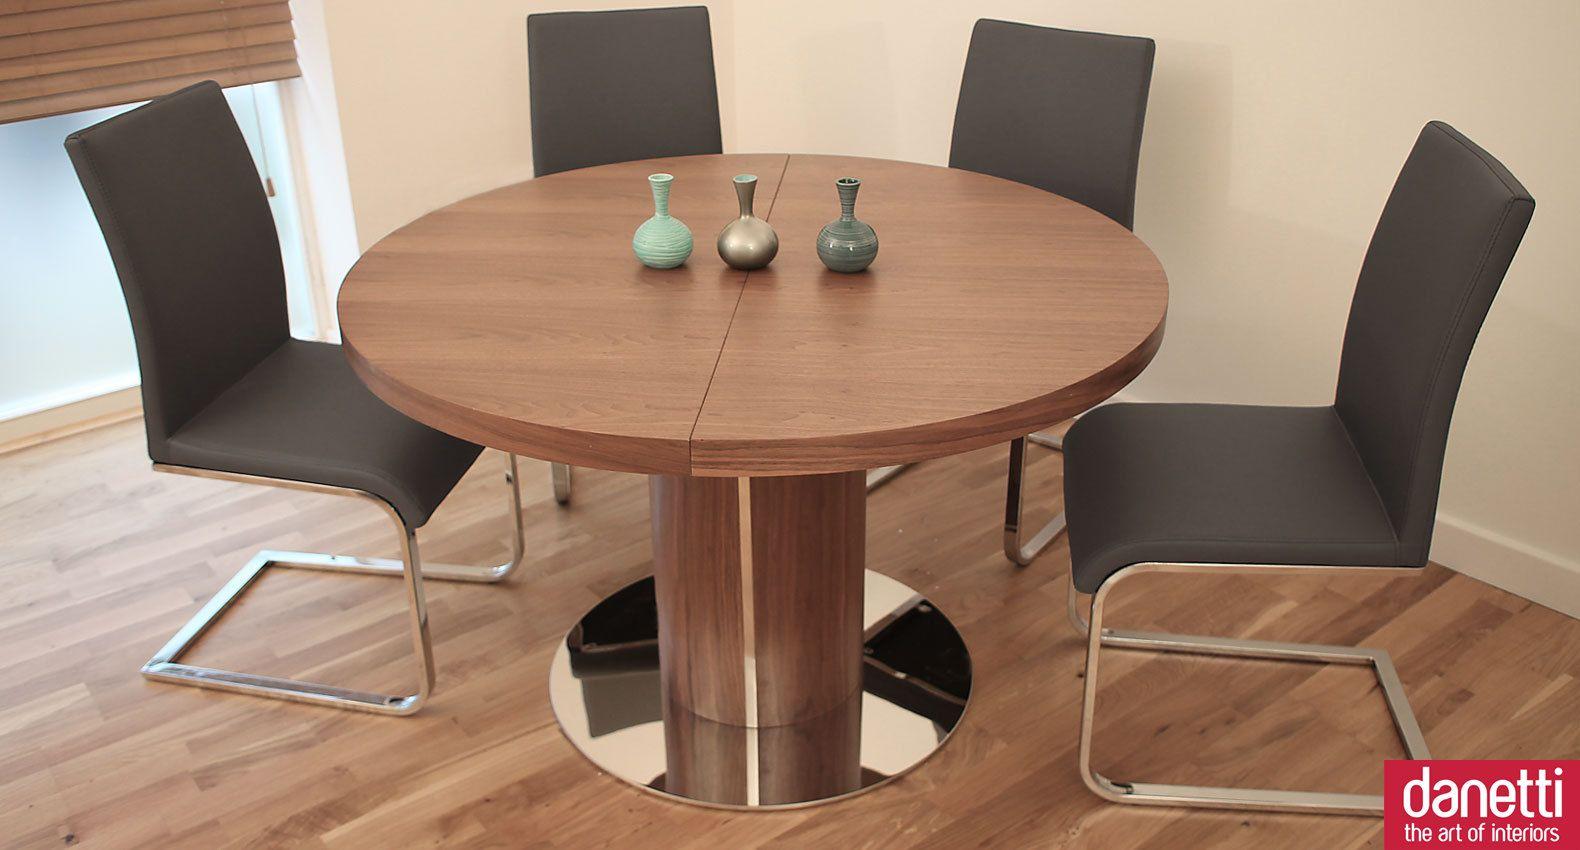 Küchendesign für eigentumswohnung erweitern esszimmer tische  die dropleaf design nicht unterbrochen